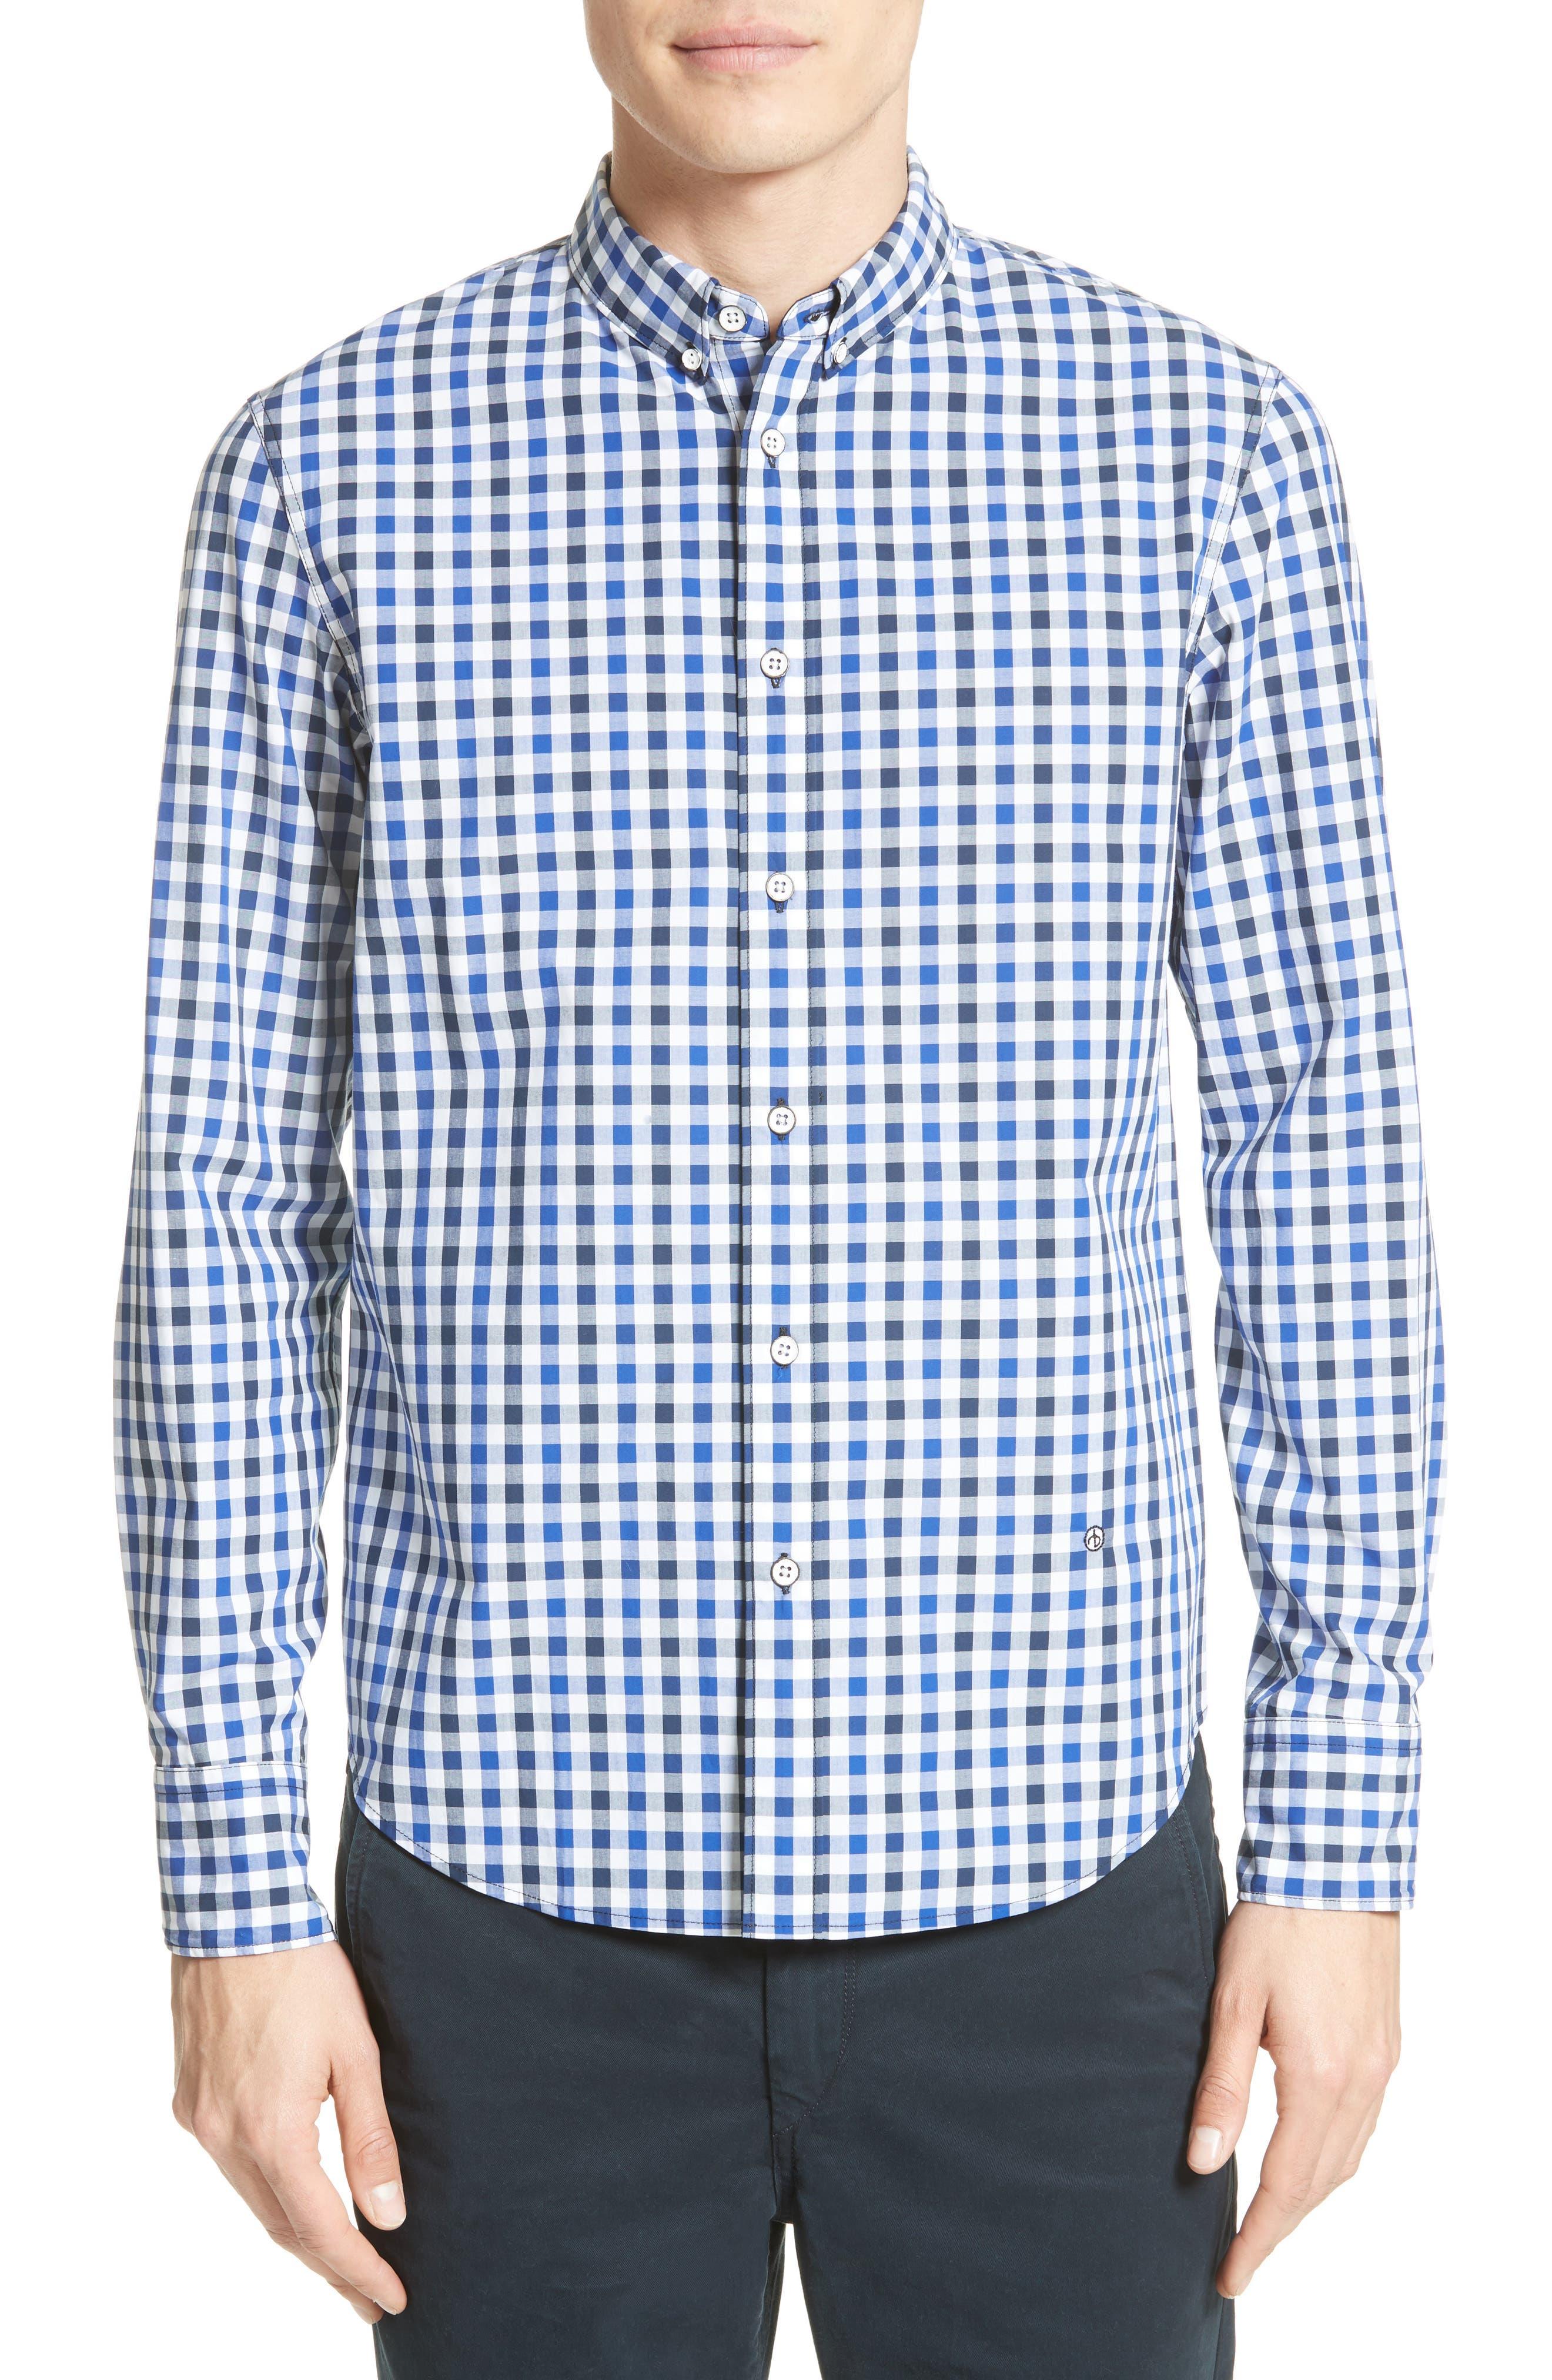 Tomlin Check Sport Shirt,                             Main thumbnail 1, color,                             Navy Check